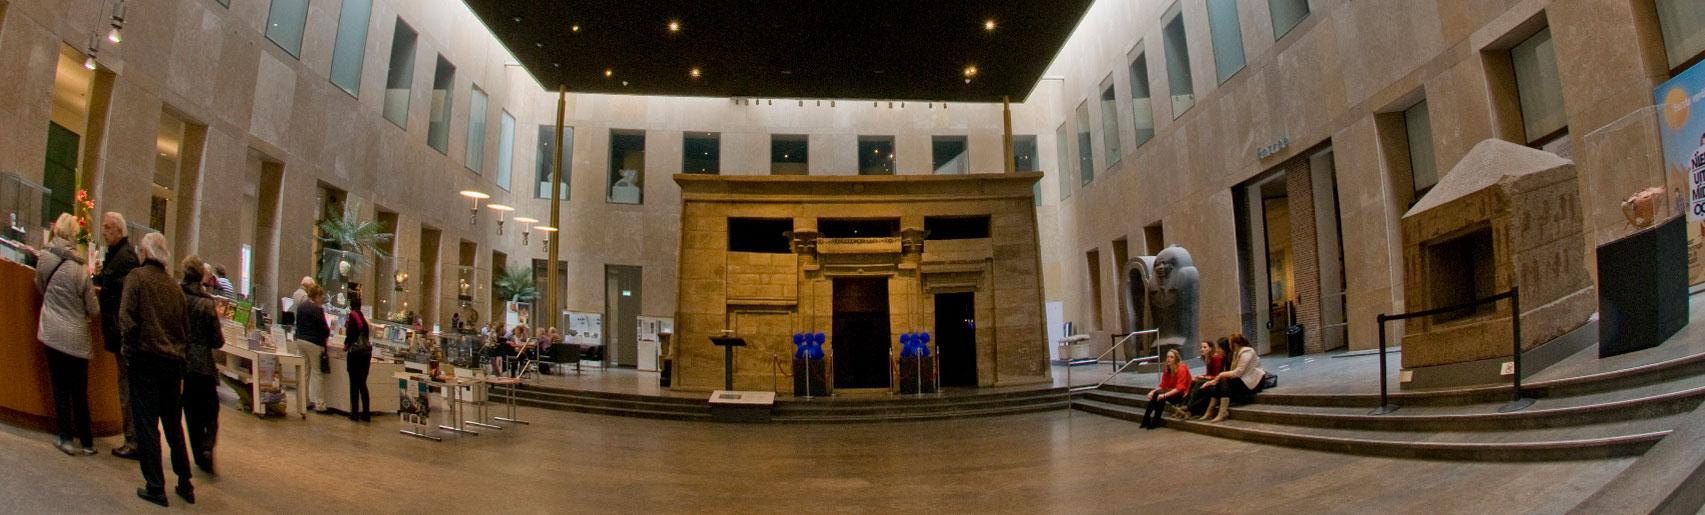 Expositie Taffeh-tempel Rijksmuseum van Oudheden